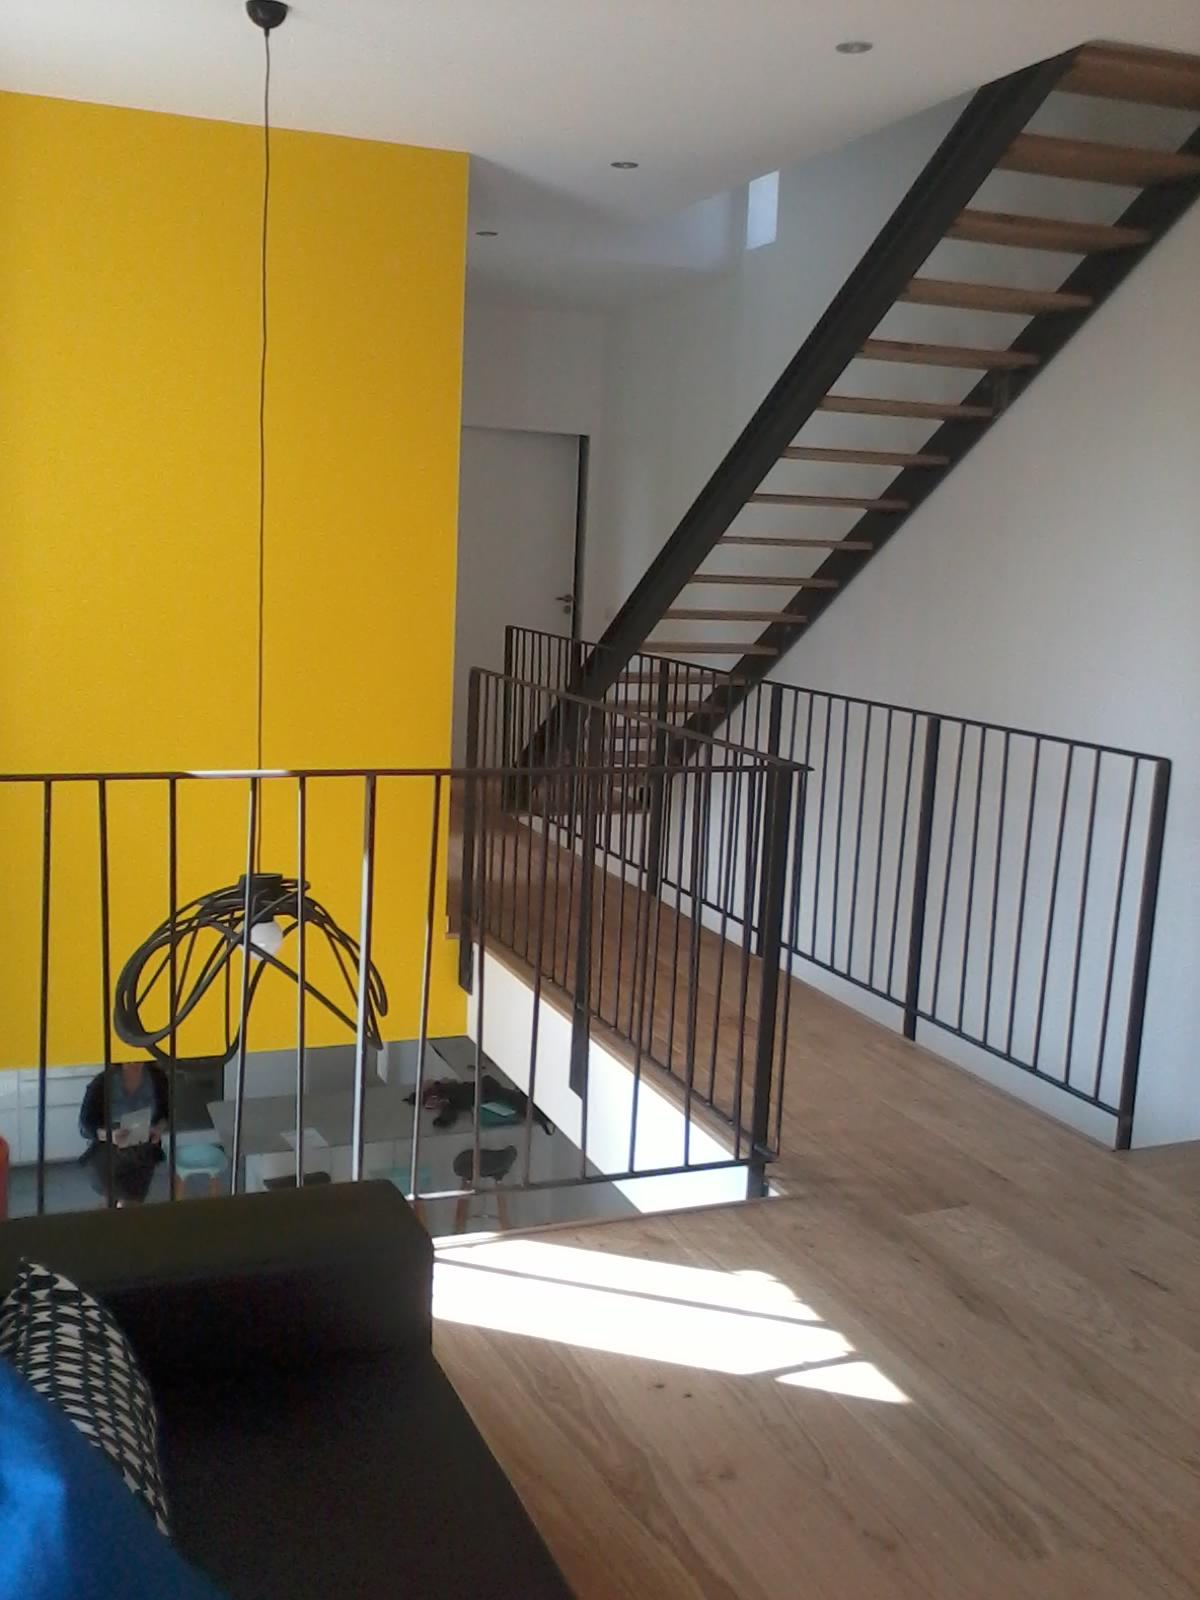 https://www.mon-artisan-ferronnier.com/wp-content/uploads/2021/04/escalier9-1.jpeg